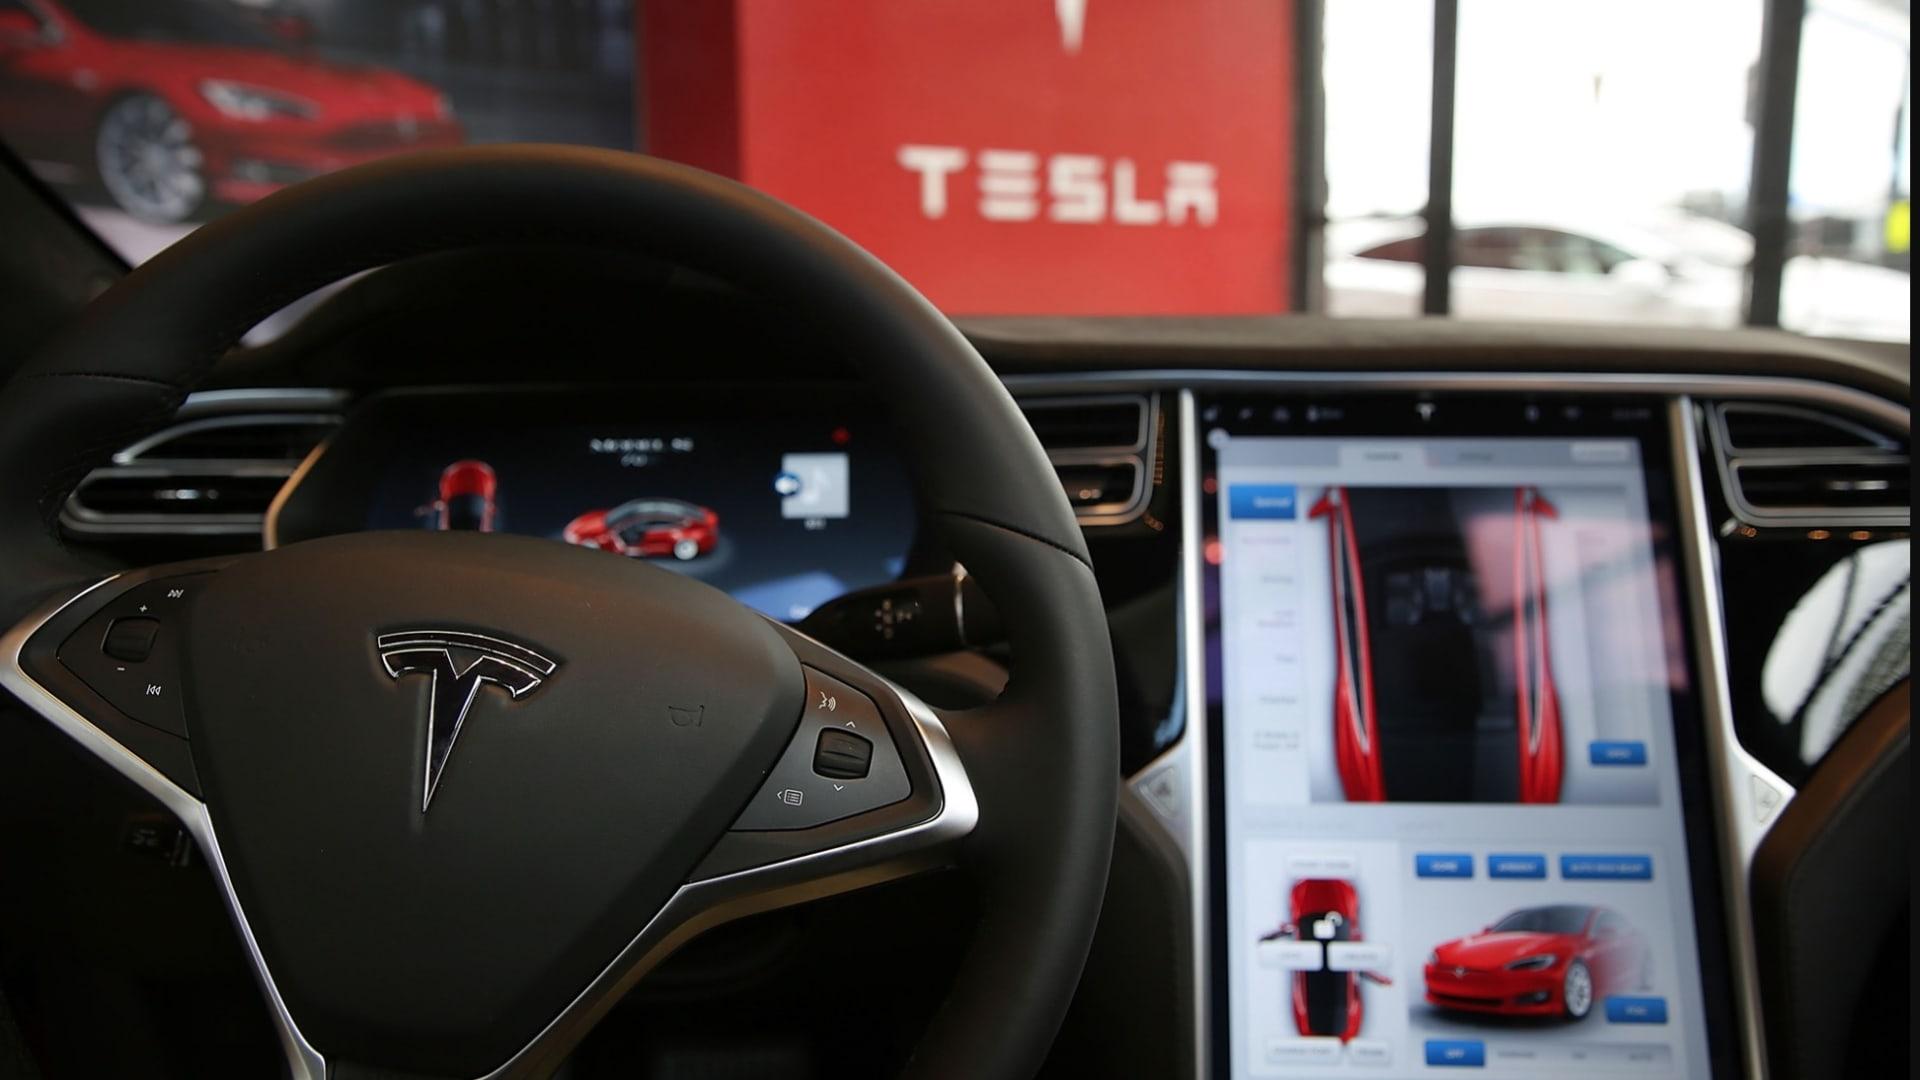 تحقيقات في حوادث نظام القيادة الآلي في تسلا.. والشركة تلقي باللوم على السائقين